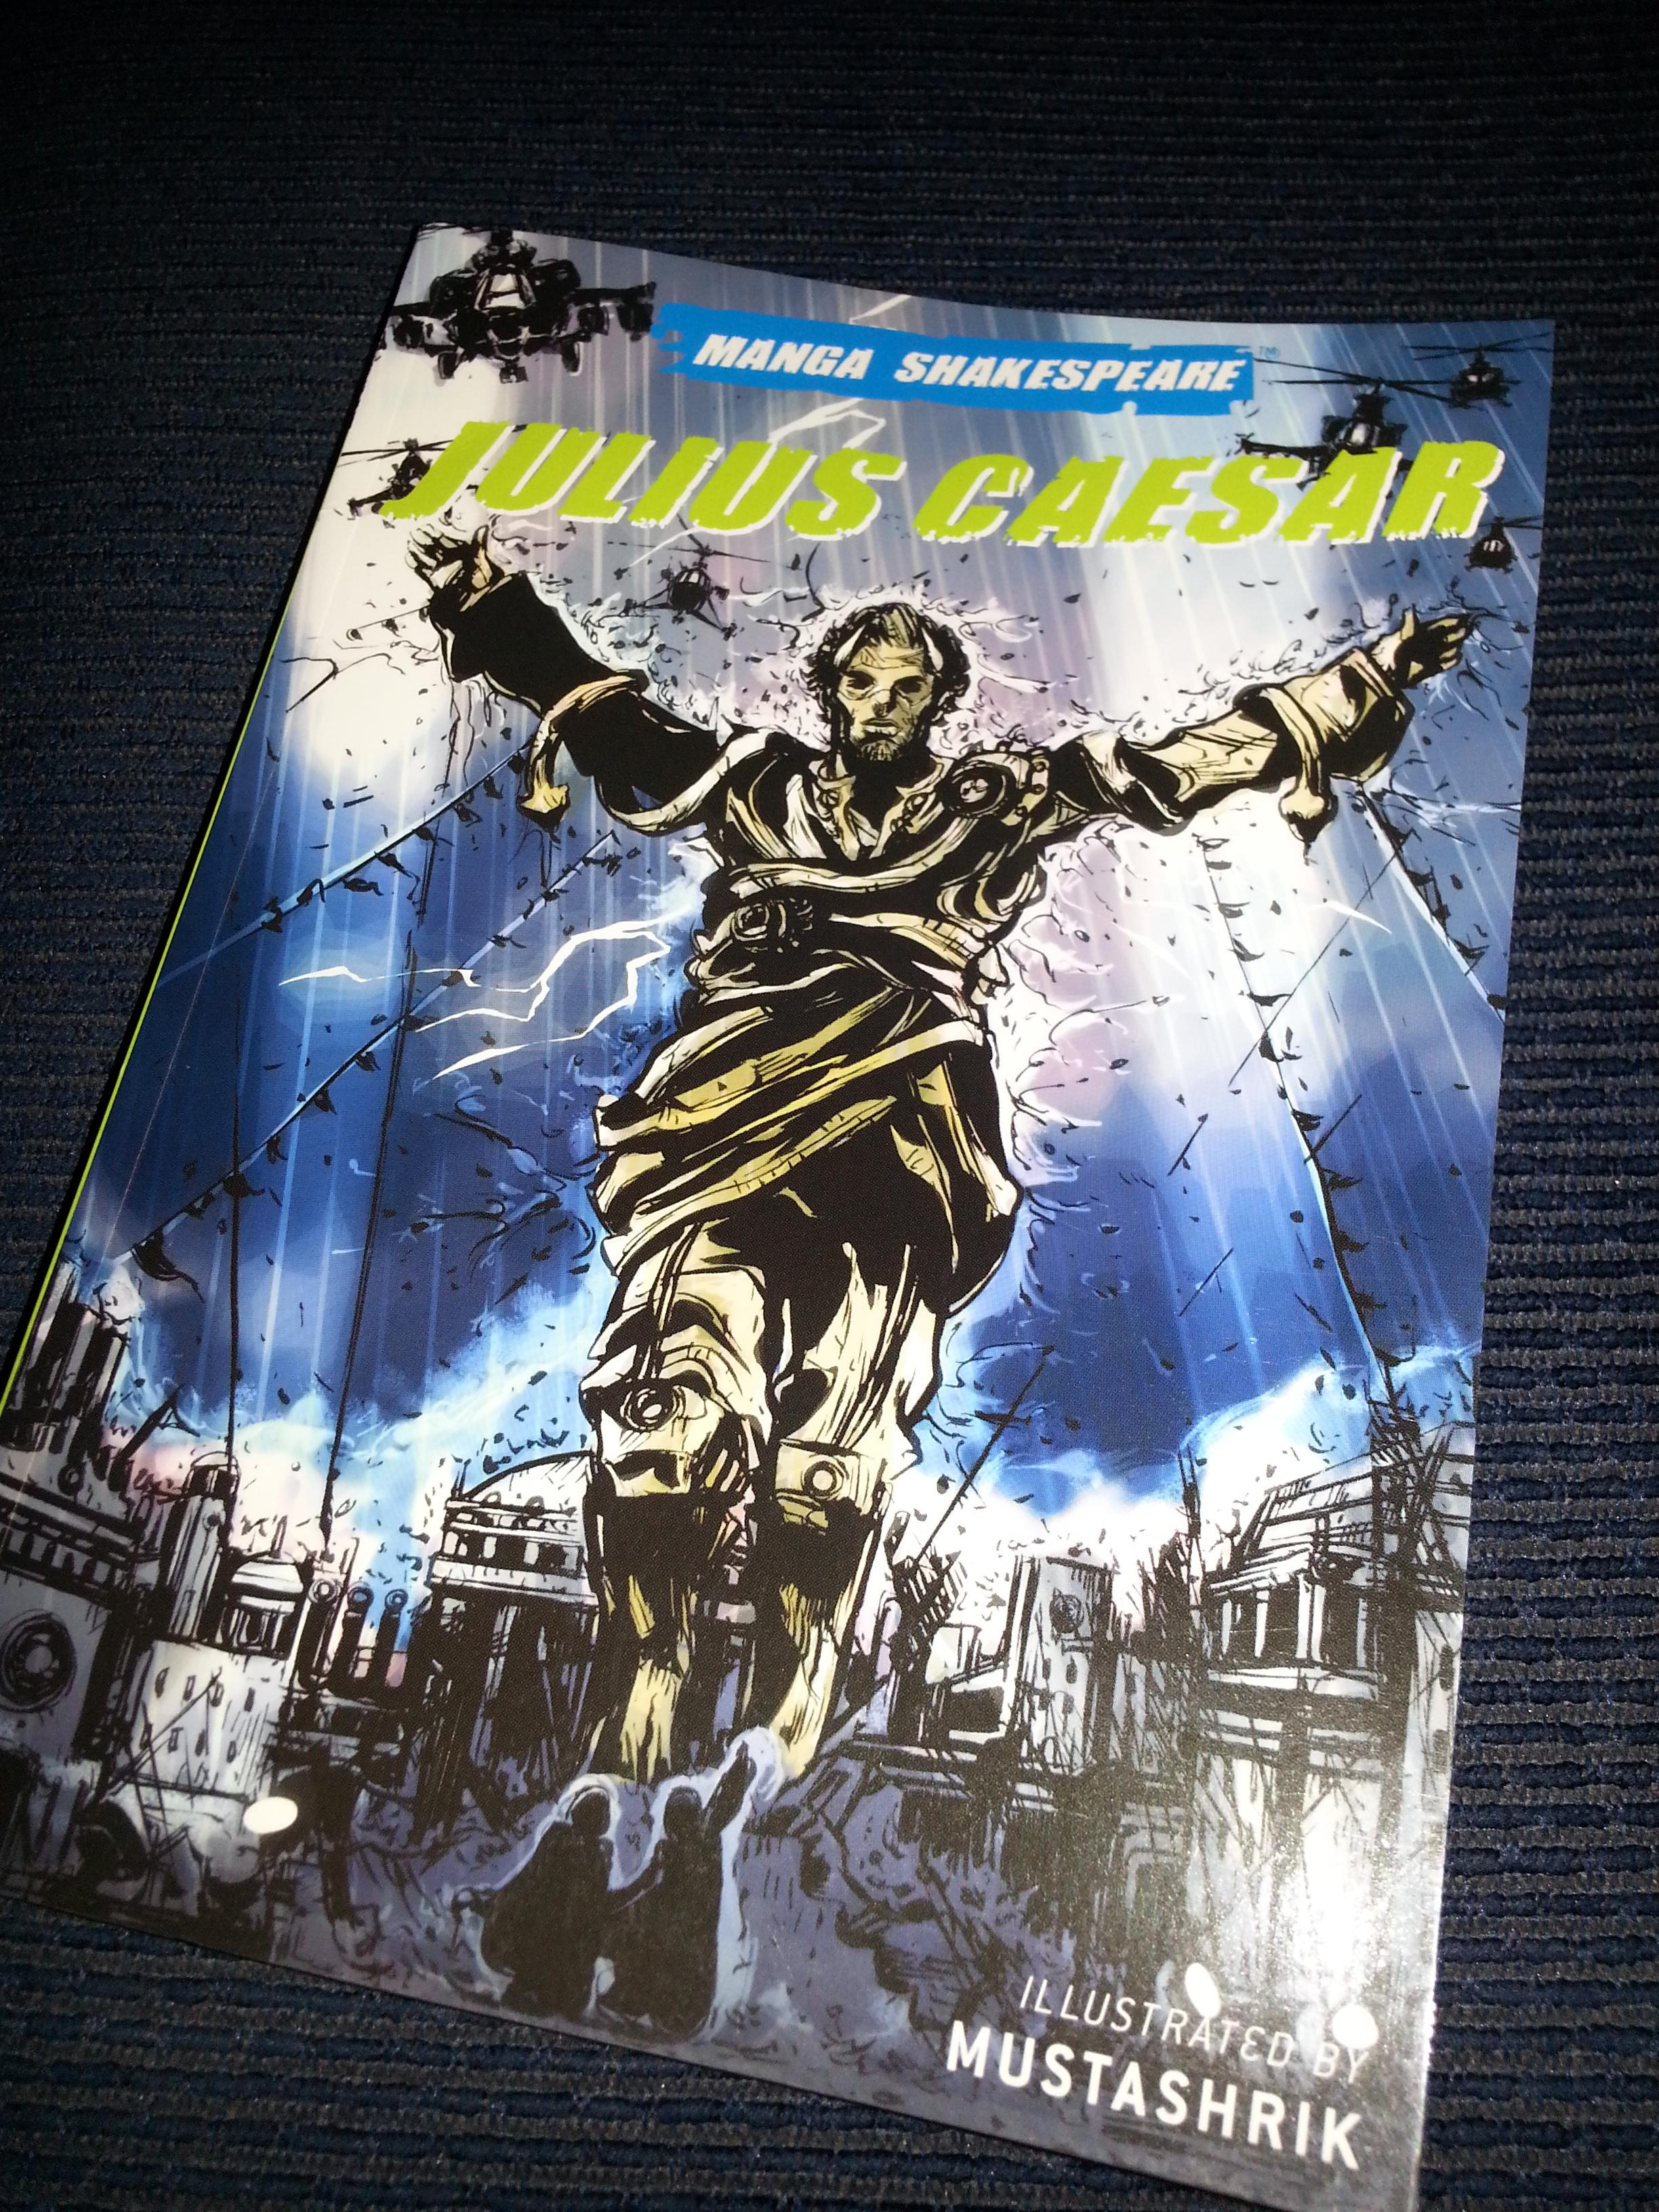 Manga Shakespeare: Julius Caesar; illustrated by Mustashrik, adapted by Appignanesi